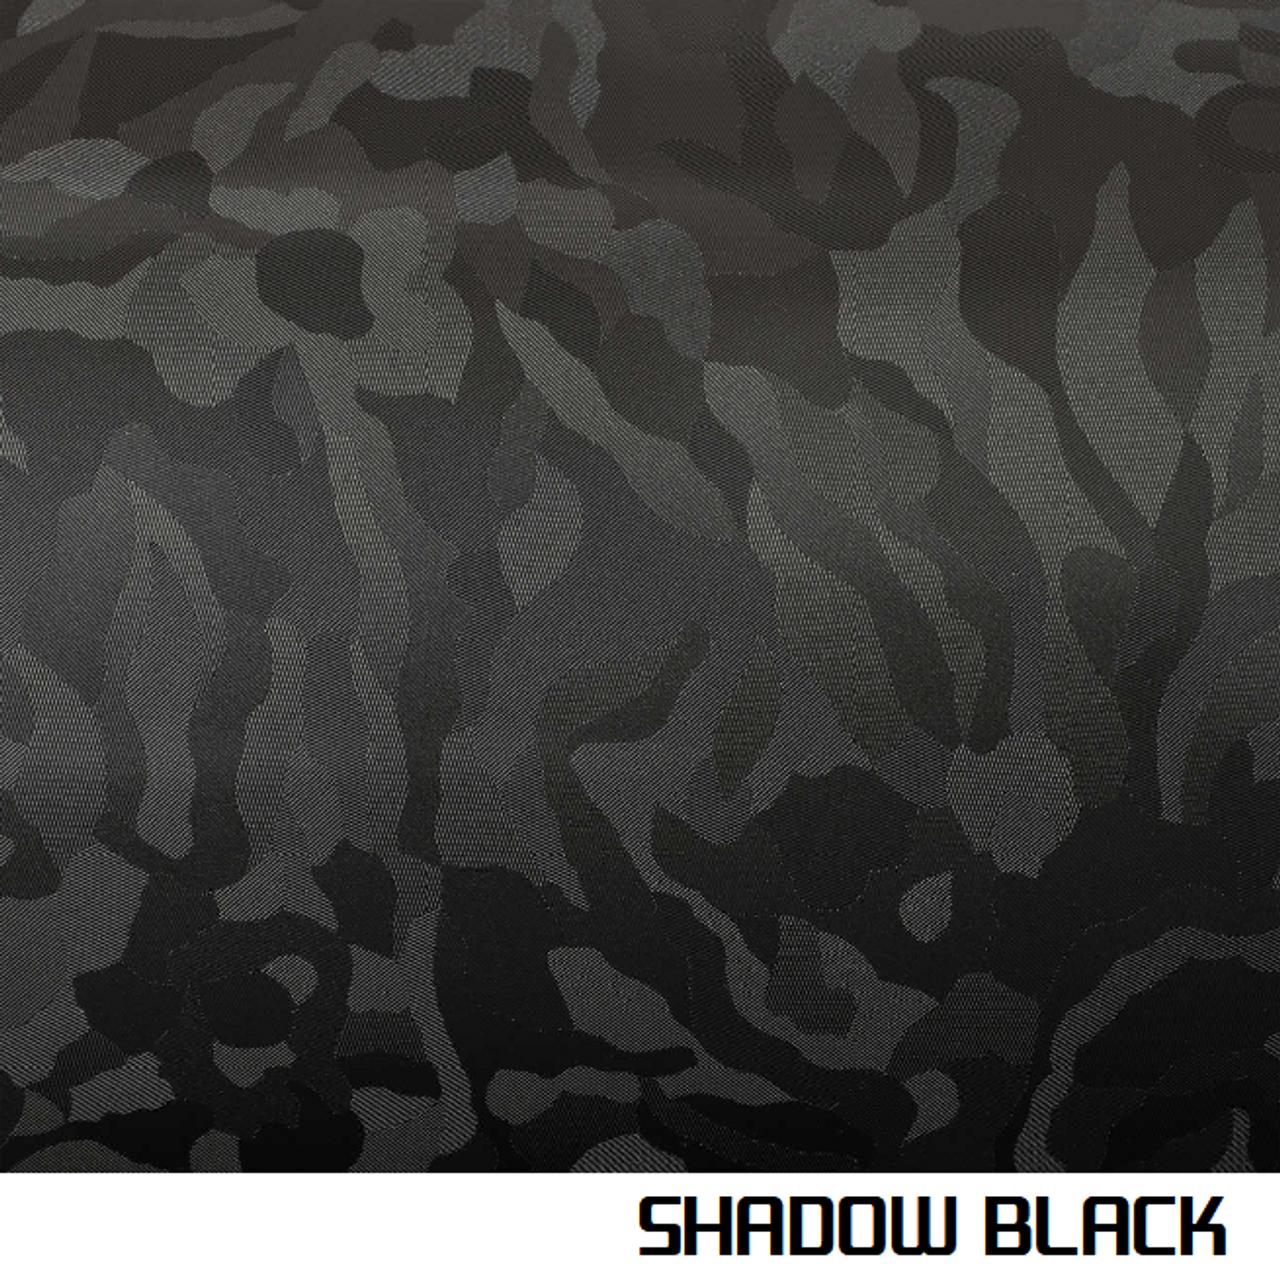 Shadow Black Vinyl Wrap 3d Textured